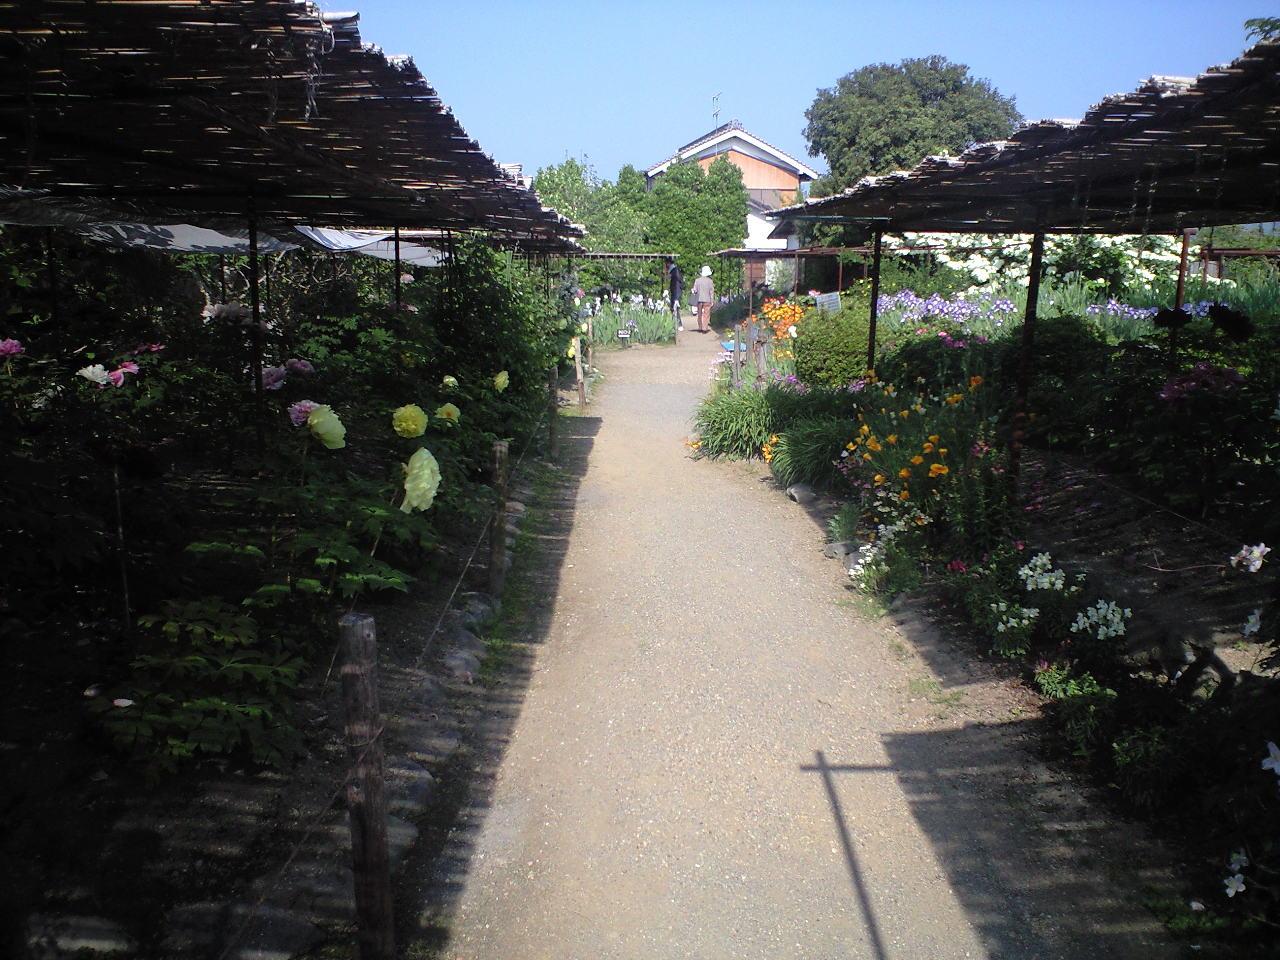 大和五條金剛寺のぼたん園